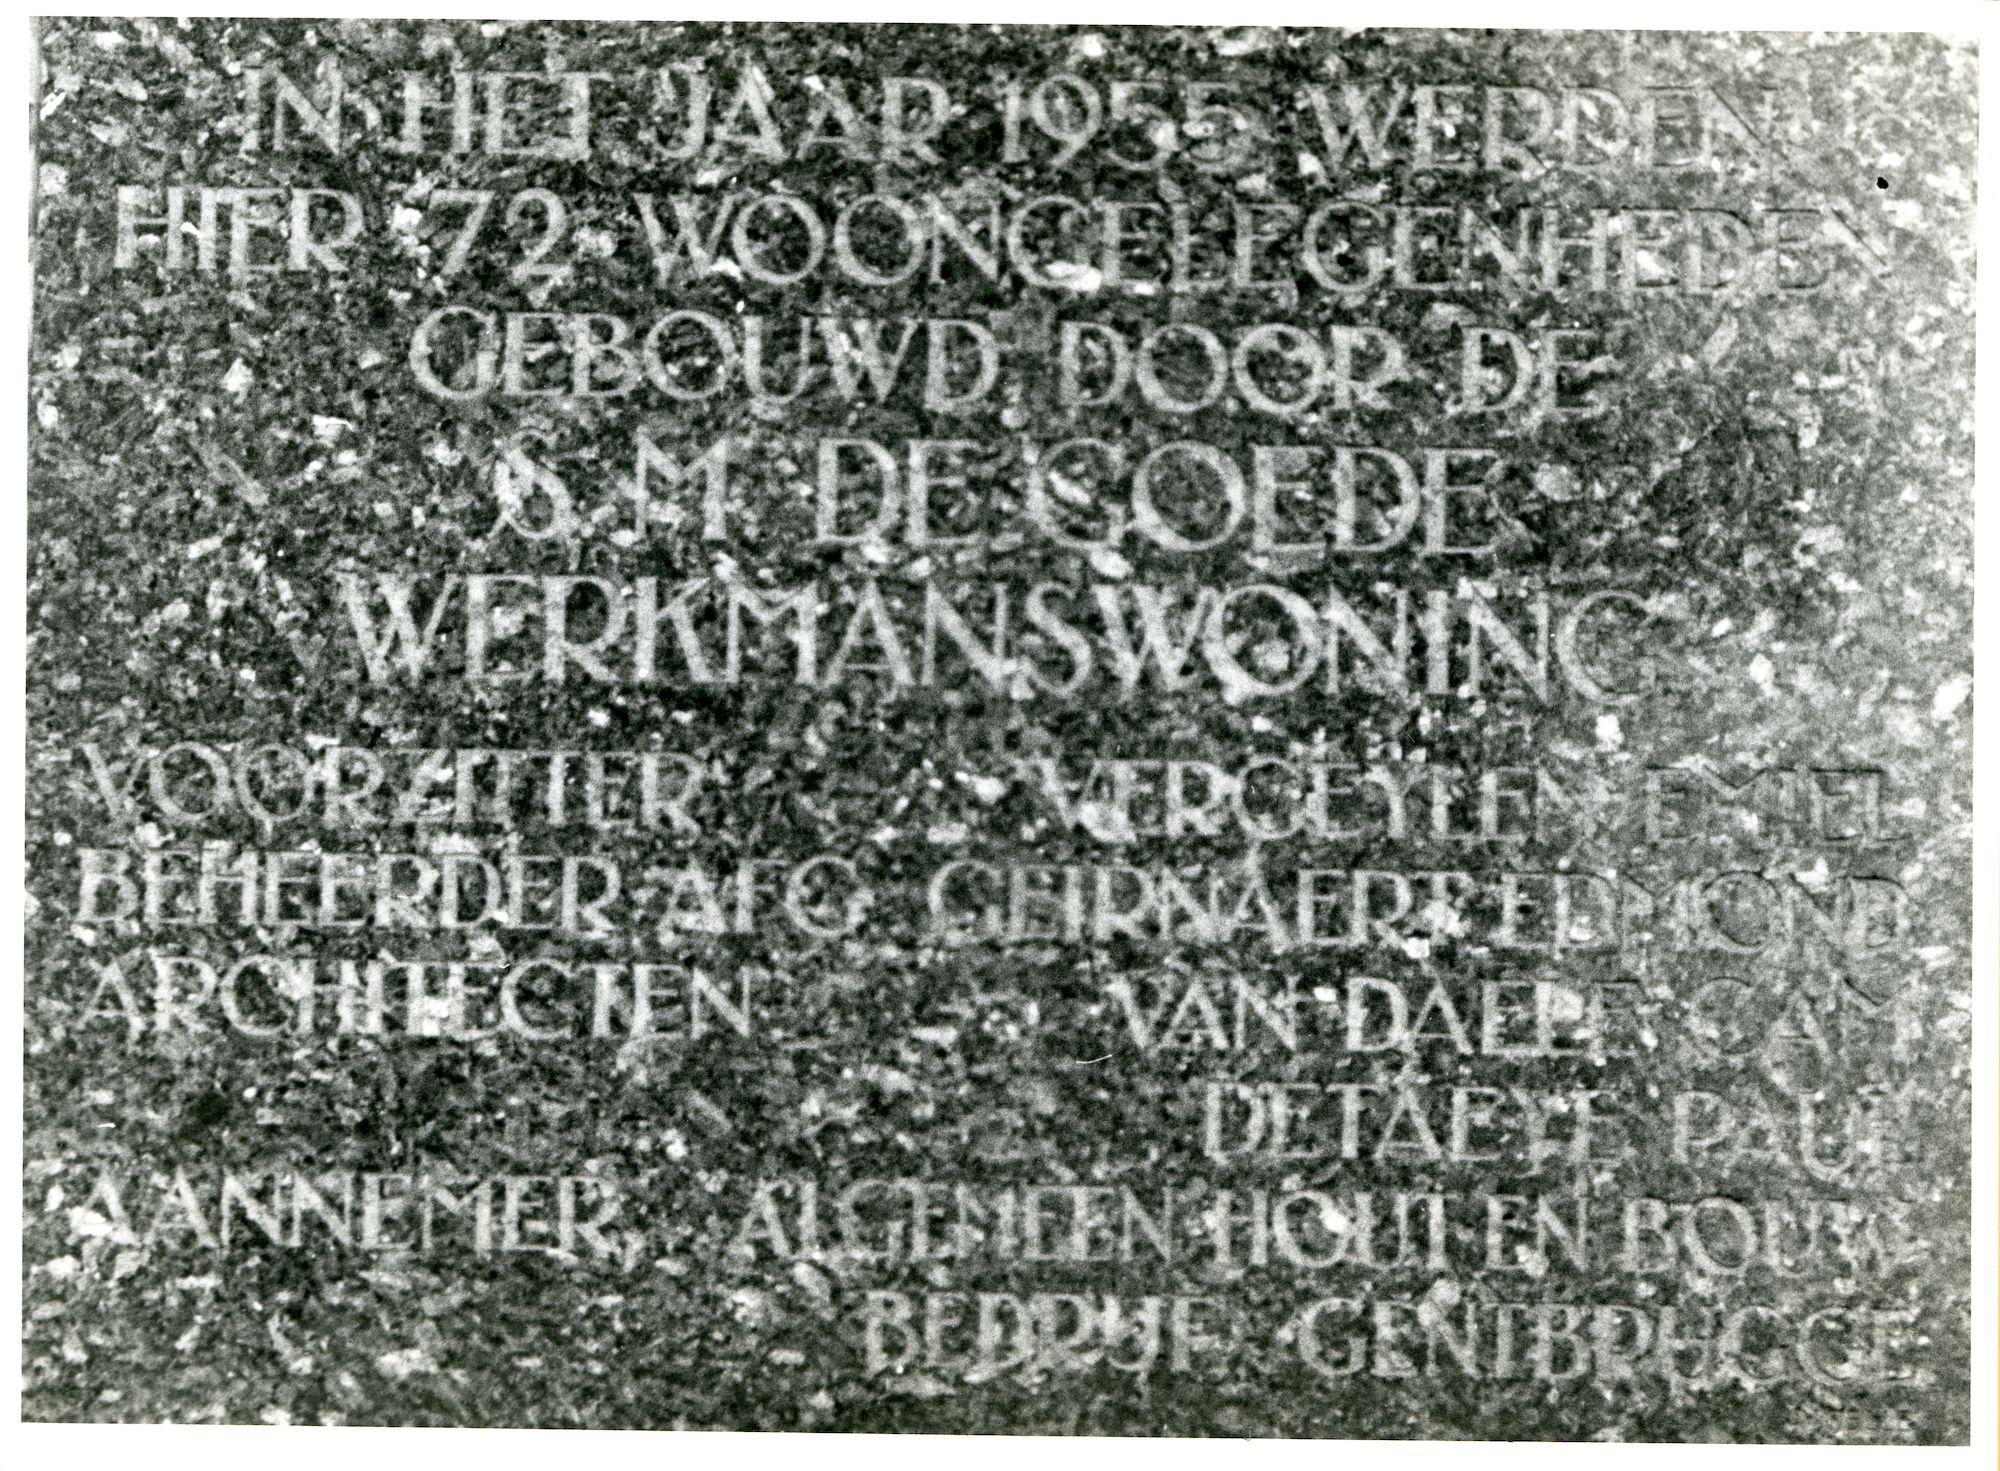 Gent: Noormanstraat 14-16: Gedenksteen, 1979